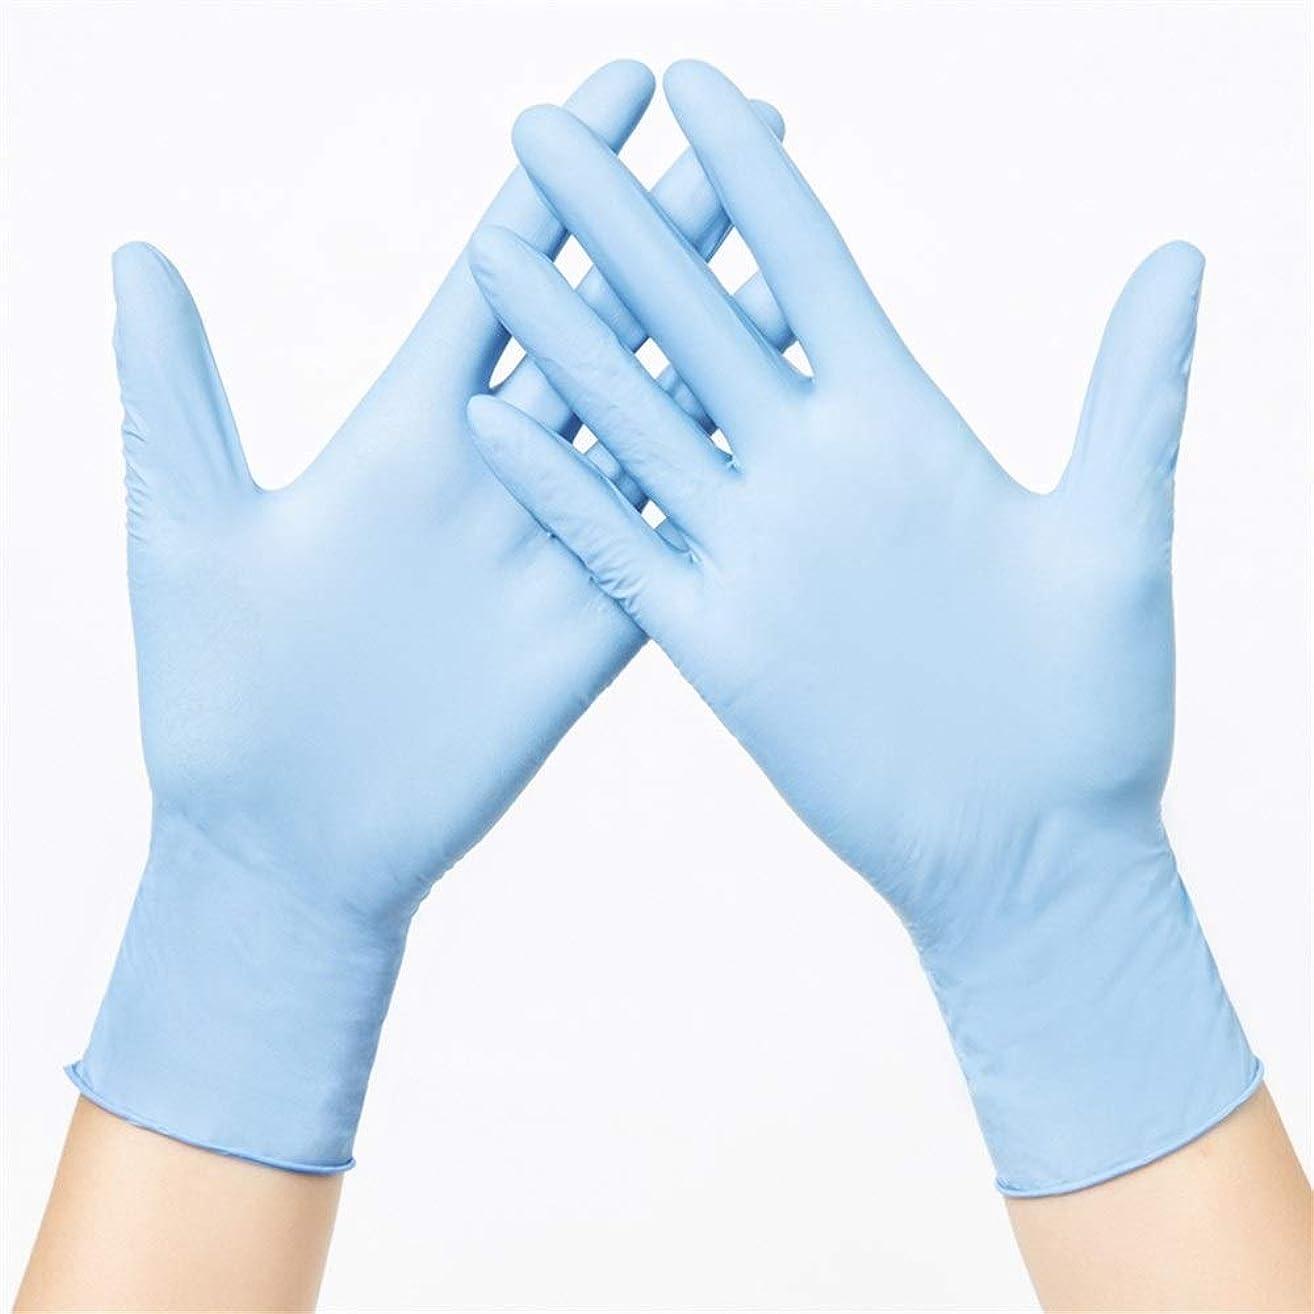 姉妹災害勘違いするニトリルゴム手袋 使い捨て手袋ゴム製超薄型ハンドウェアラブル防水家庭用手袋、100 使い捨て手袋 (Color : Blue, Size : S)